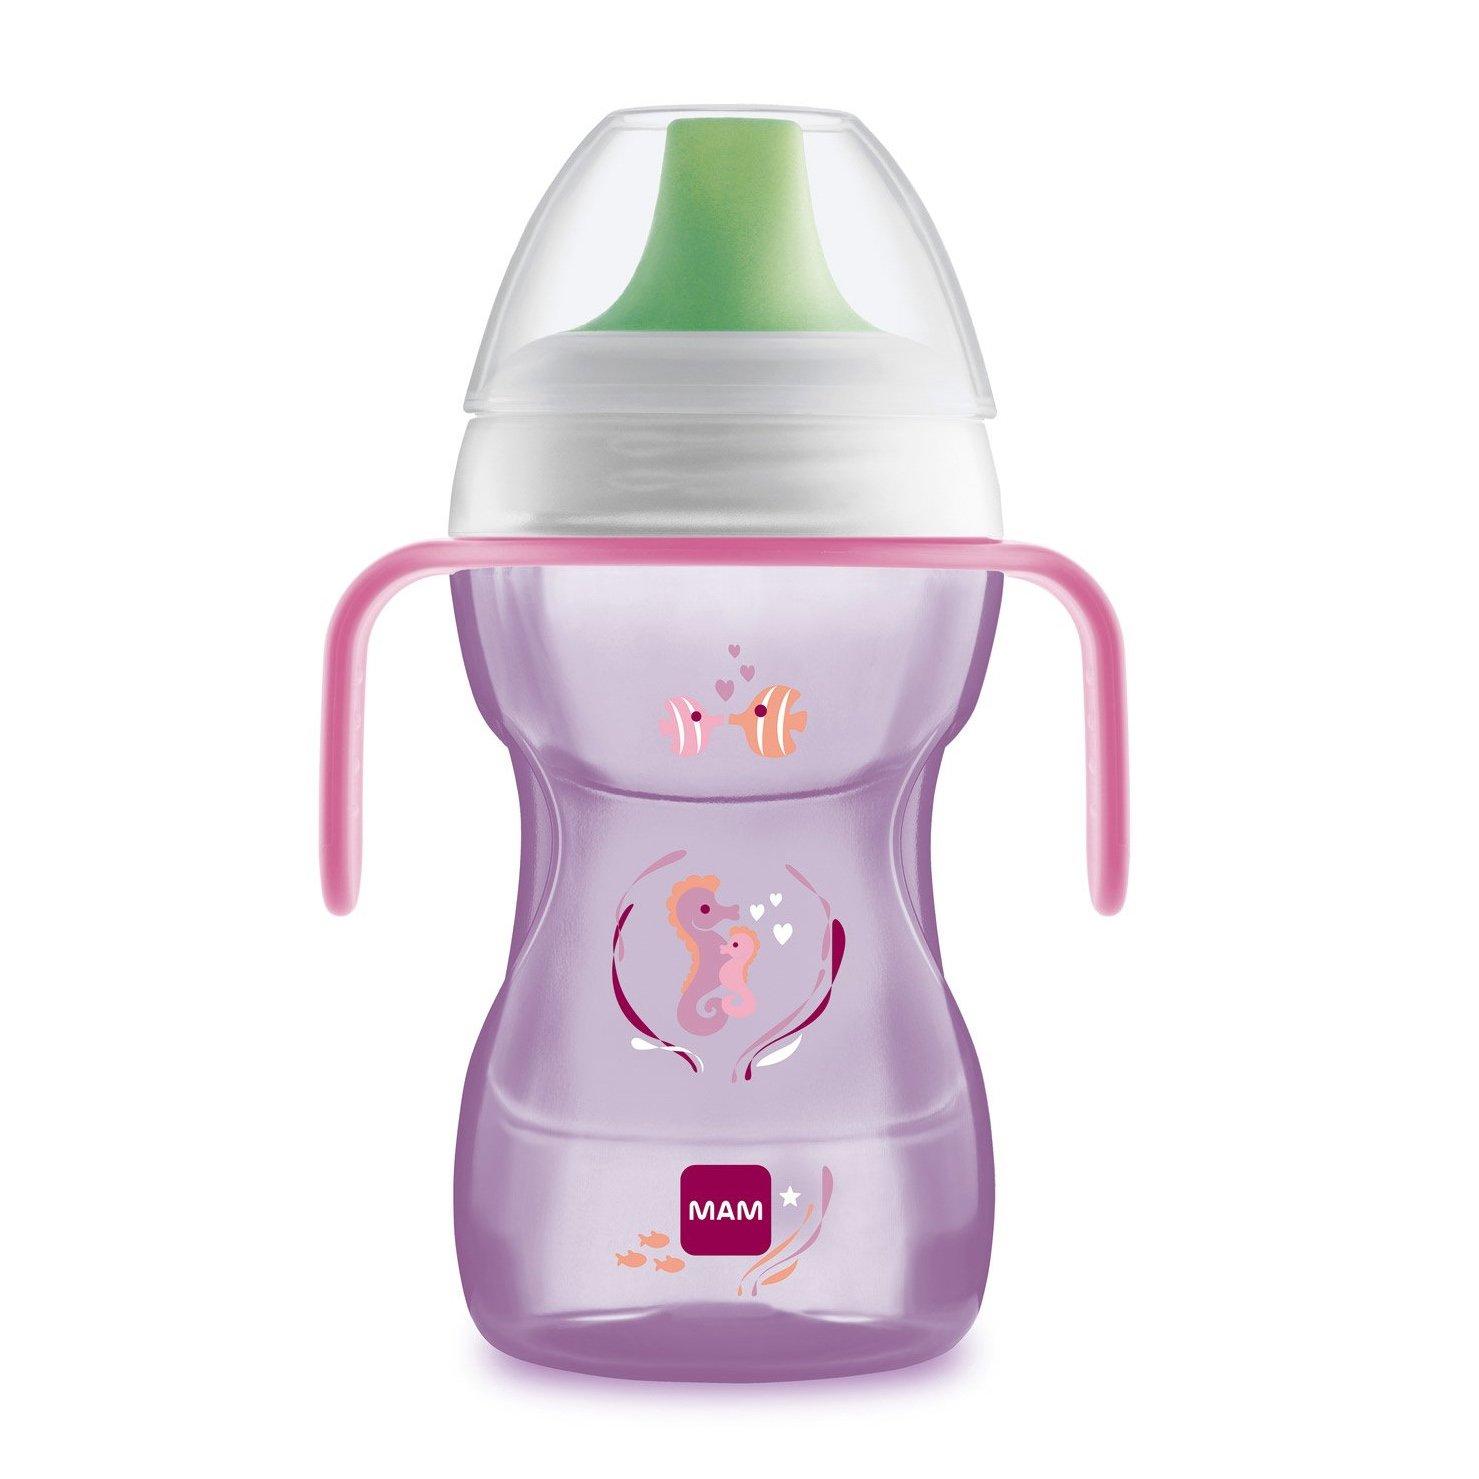 Mam Fan to Drink Cup Κωδ 461 Εκπαιδευτικό Ποτηράκι με Χερουλάκια Ιδανικό για Μετάβαση στο Κανονικό Ποτήρι από 8+ Μηνών 270ml – ροζ